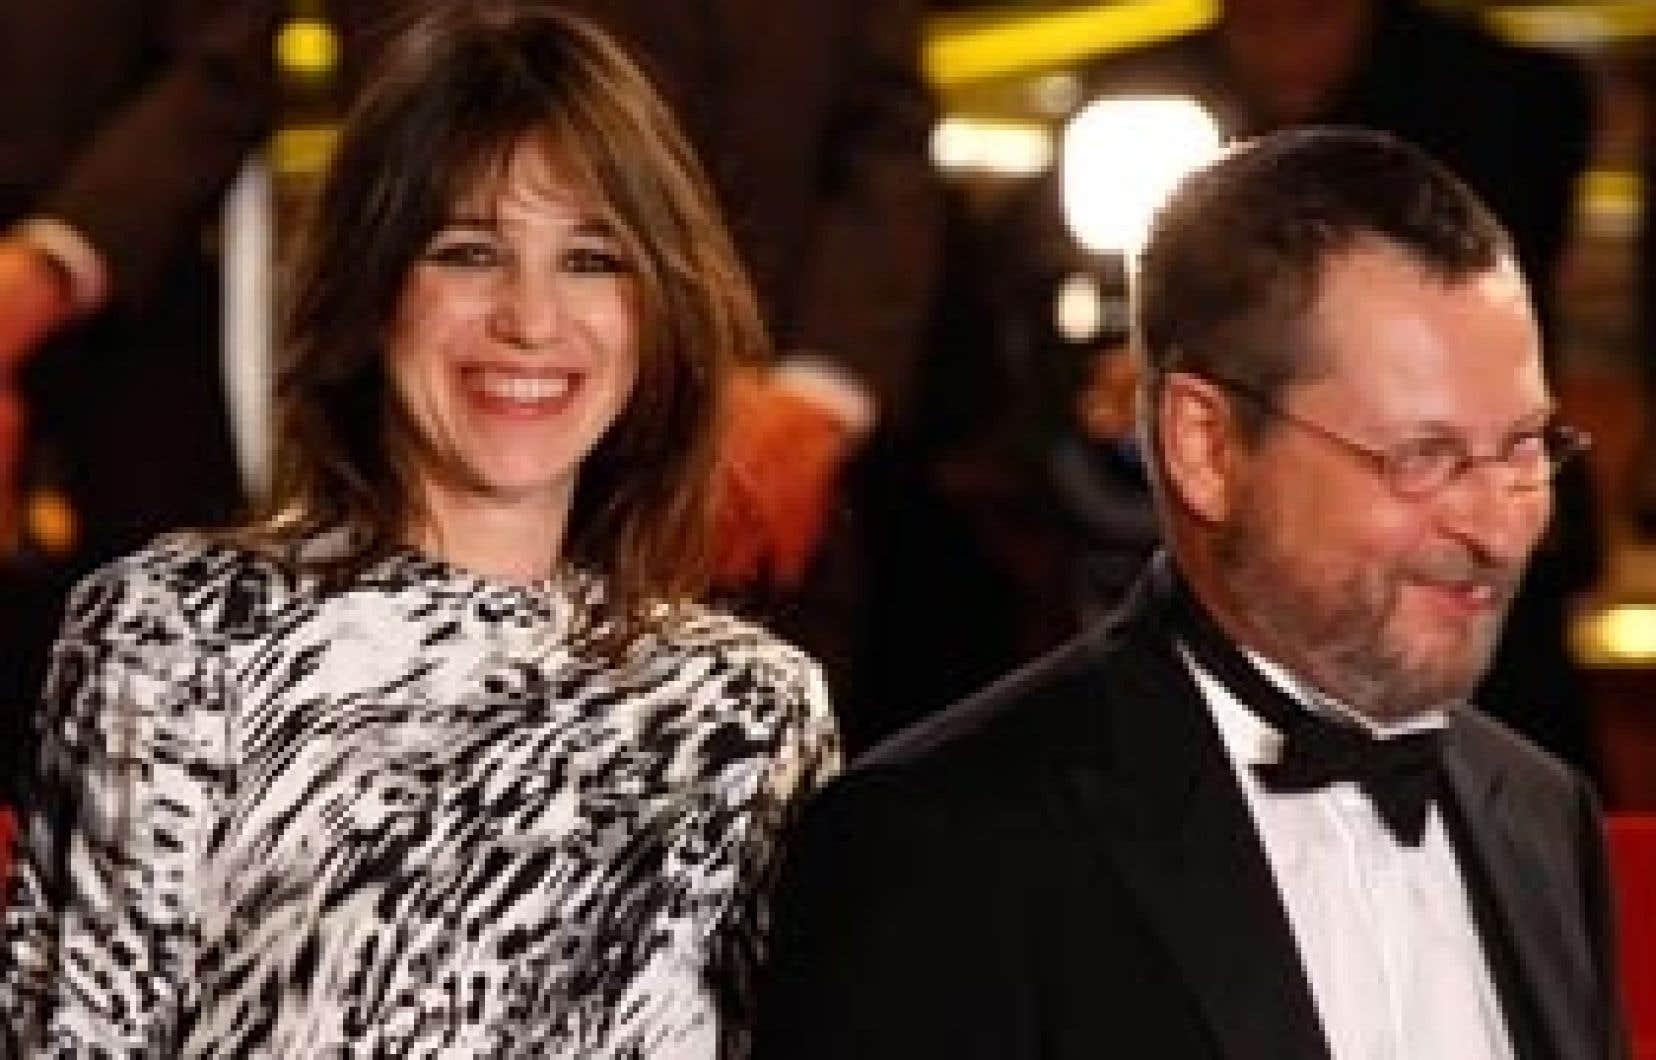 Le cinéaste danois Lars von Trier en compagnie de Charlotte Gainsbourg, lors de la projection de son film Antichrist.